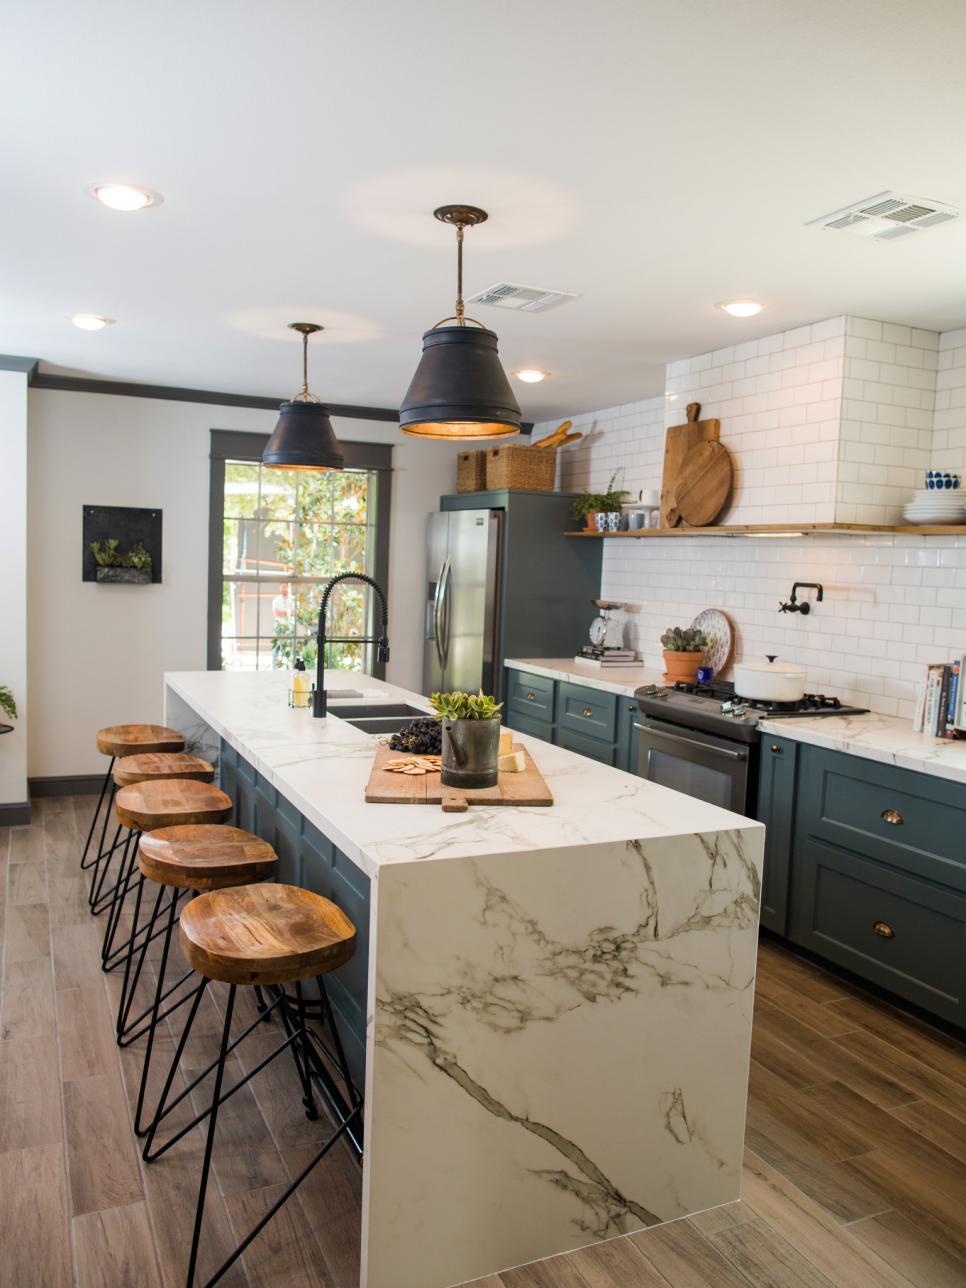 Cosentino usa dekton aura featured in hgtv s fixer upper for The kitchen island